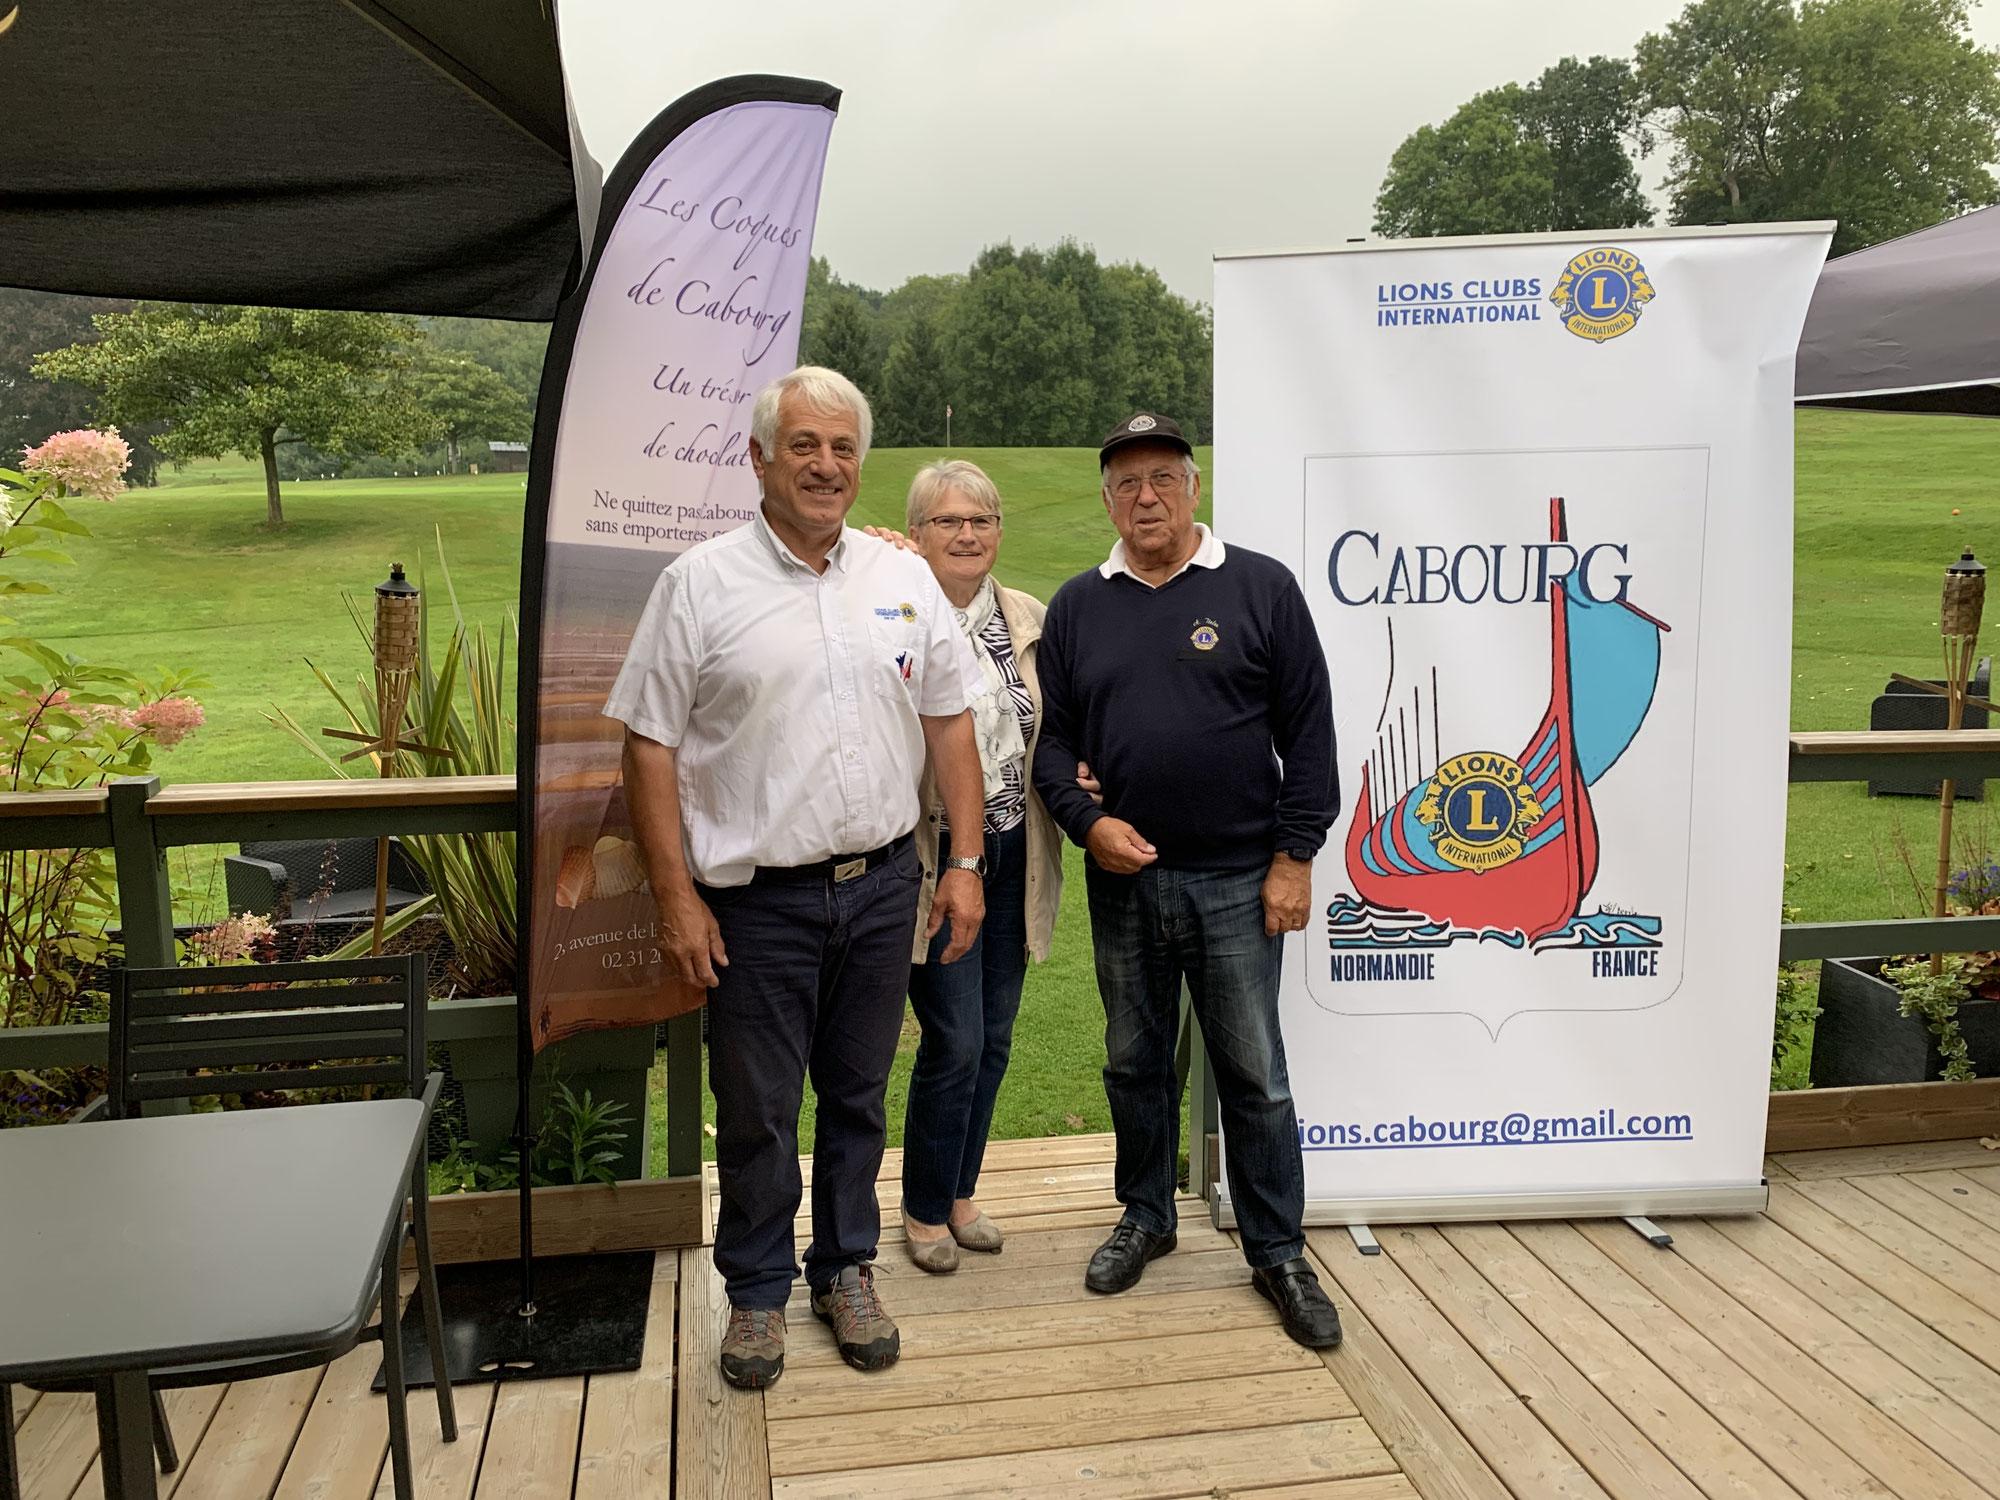 Les Coques de Cabourg soutiennent le golf à Houlgate